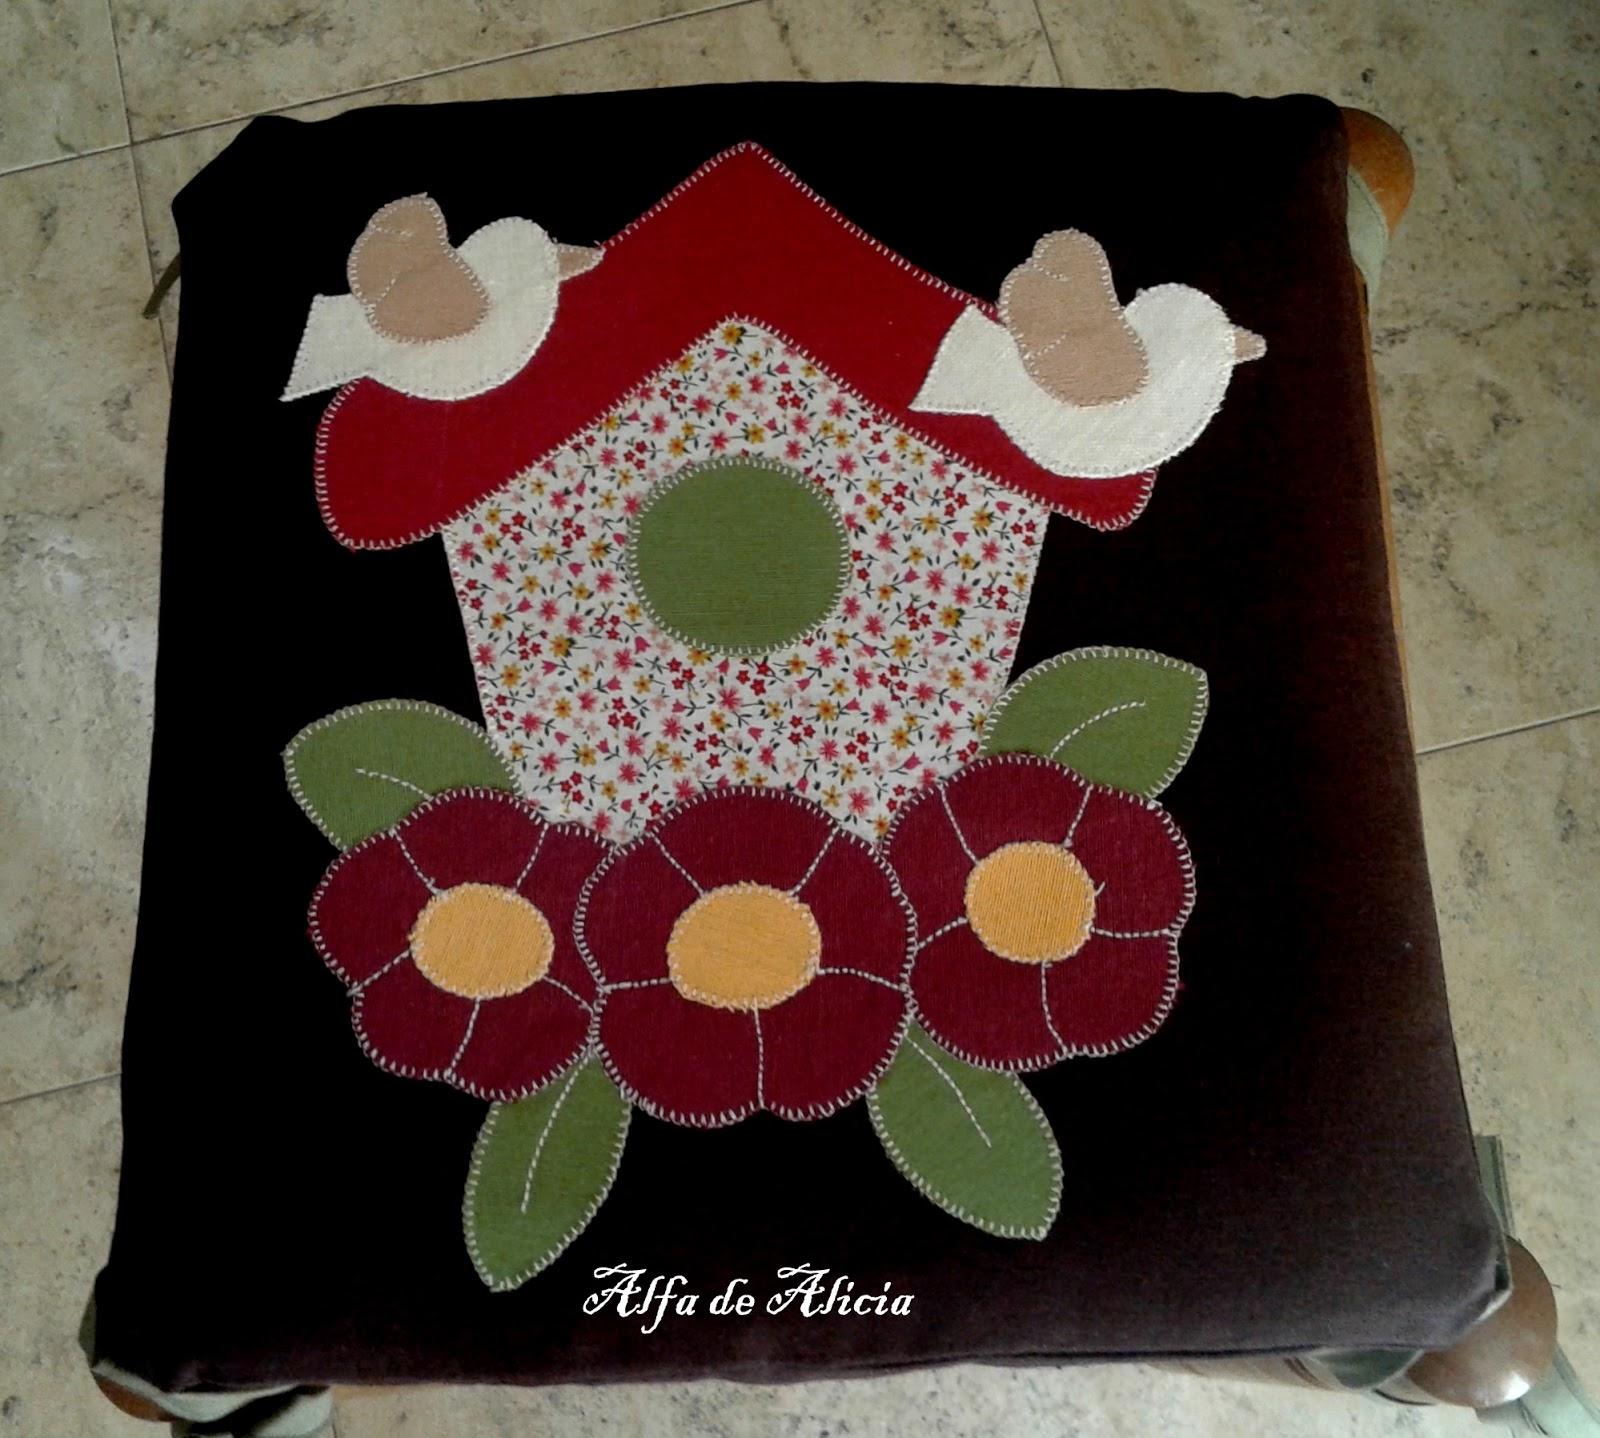 Alfa De Alicia Cojines Para Taburete  ~ Cojines Para Taburetes De Cocina